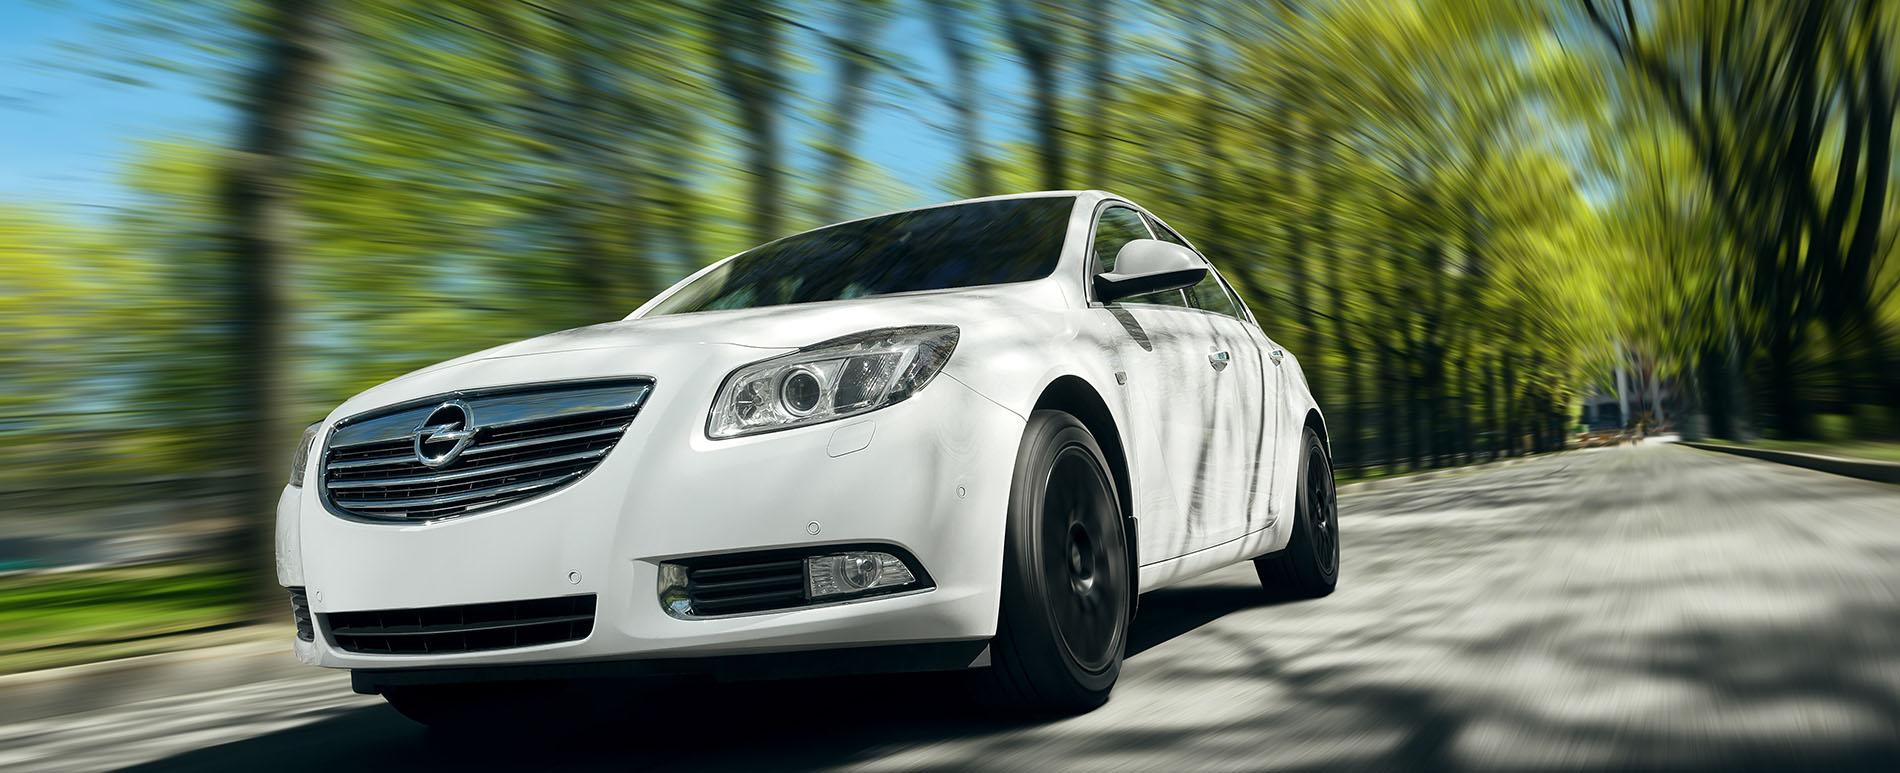 Opel Gebrauchtwagen bestellen